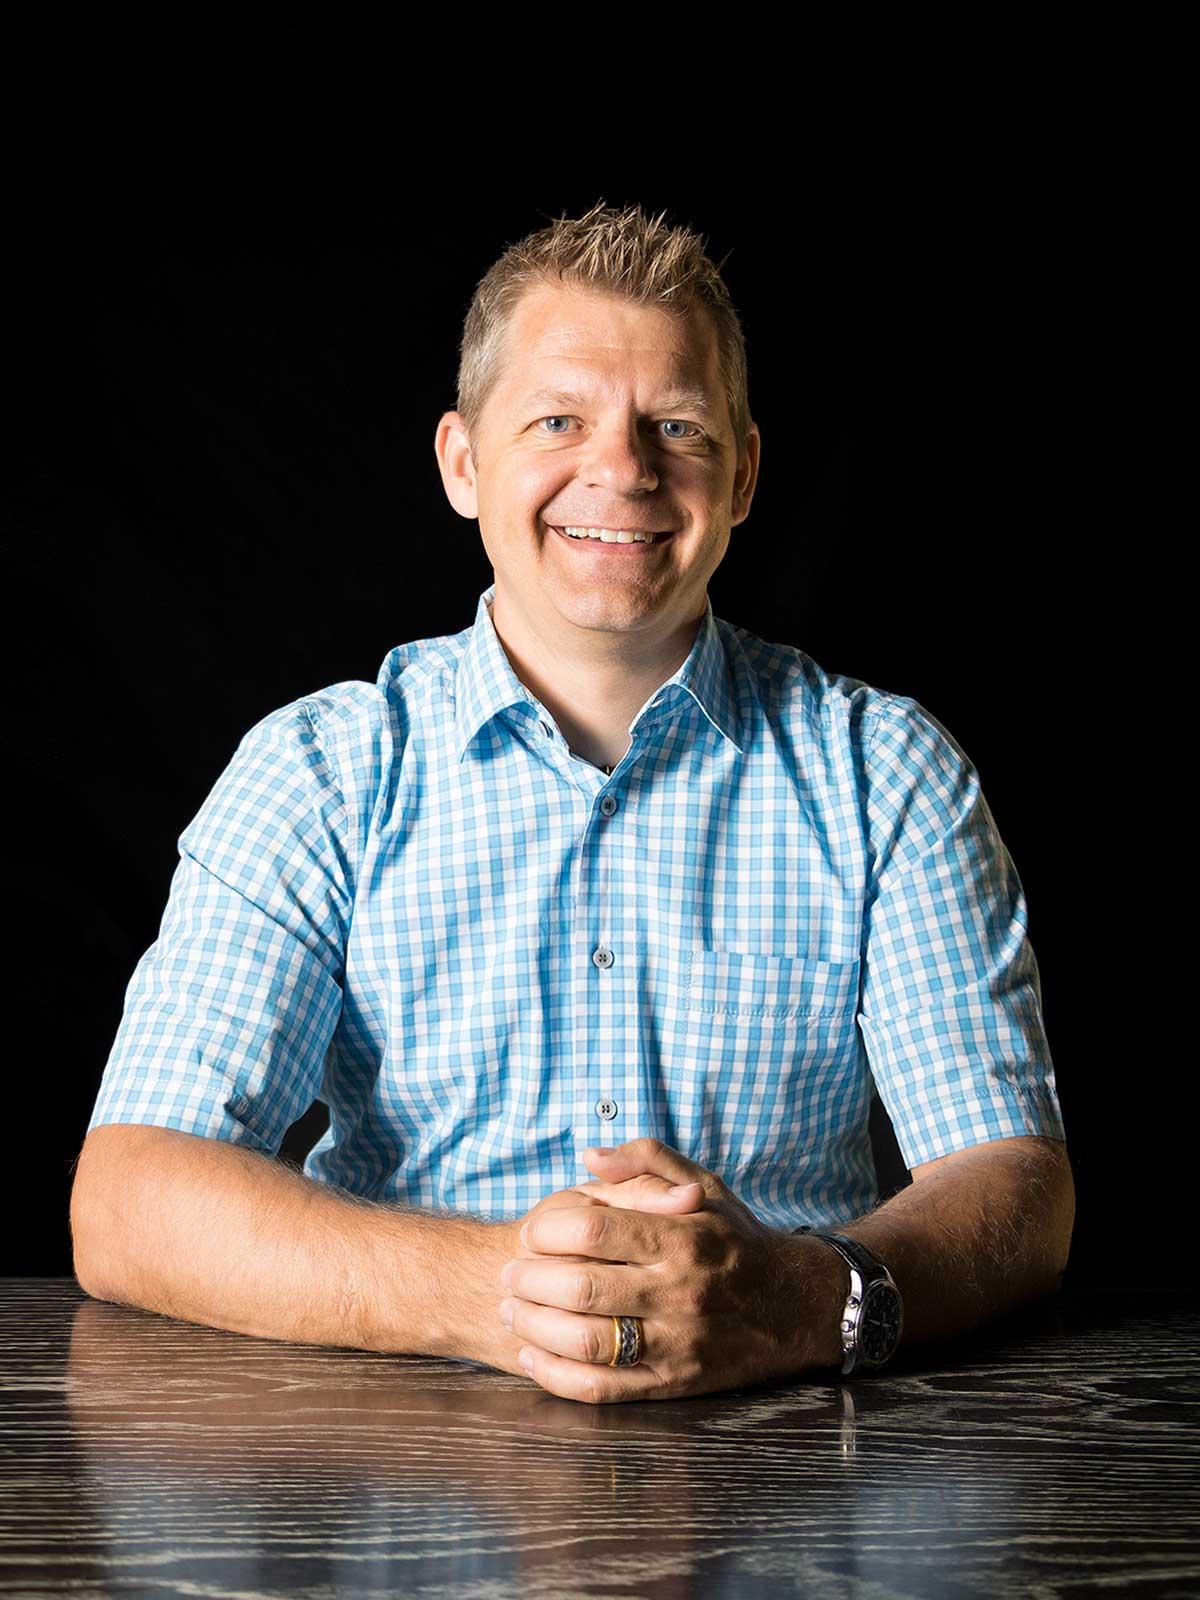 Patrick Weideli, avd goldach ag, finanzen